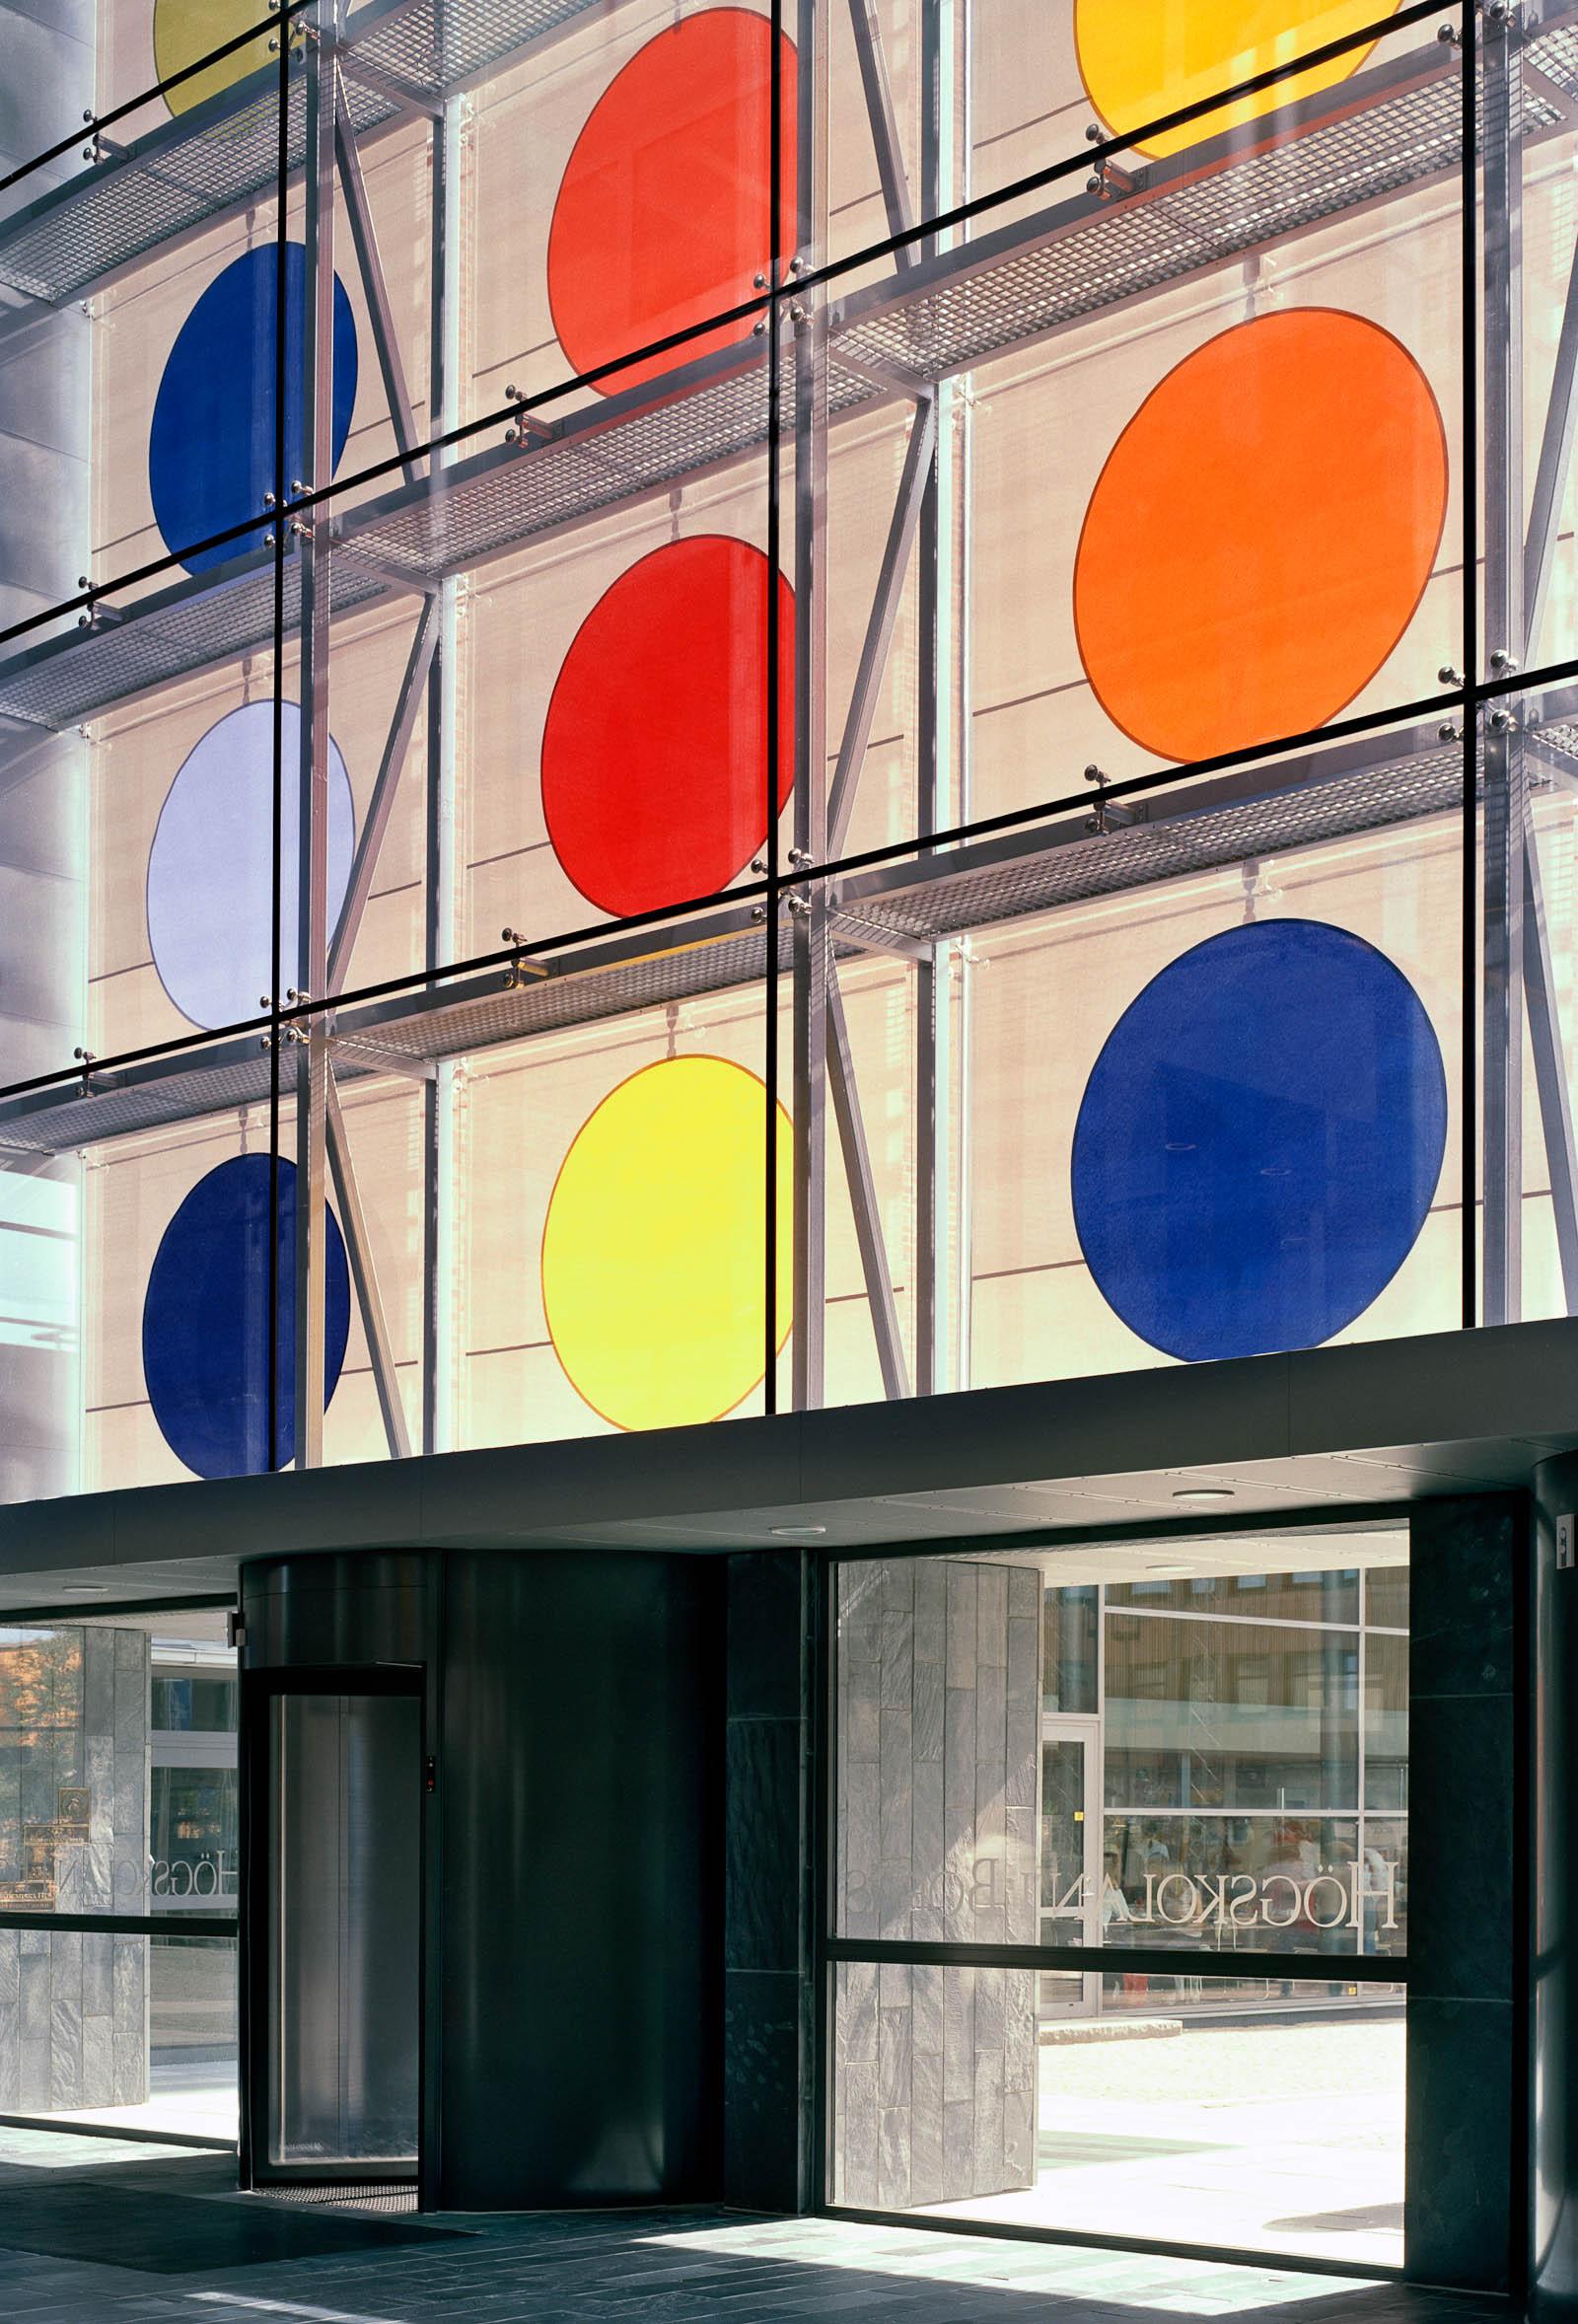 Solavskärmningen från insidan, med färgglada prickar och lyftmekanismen. Kontrapunkt, Eva Stephenson-Möller